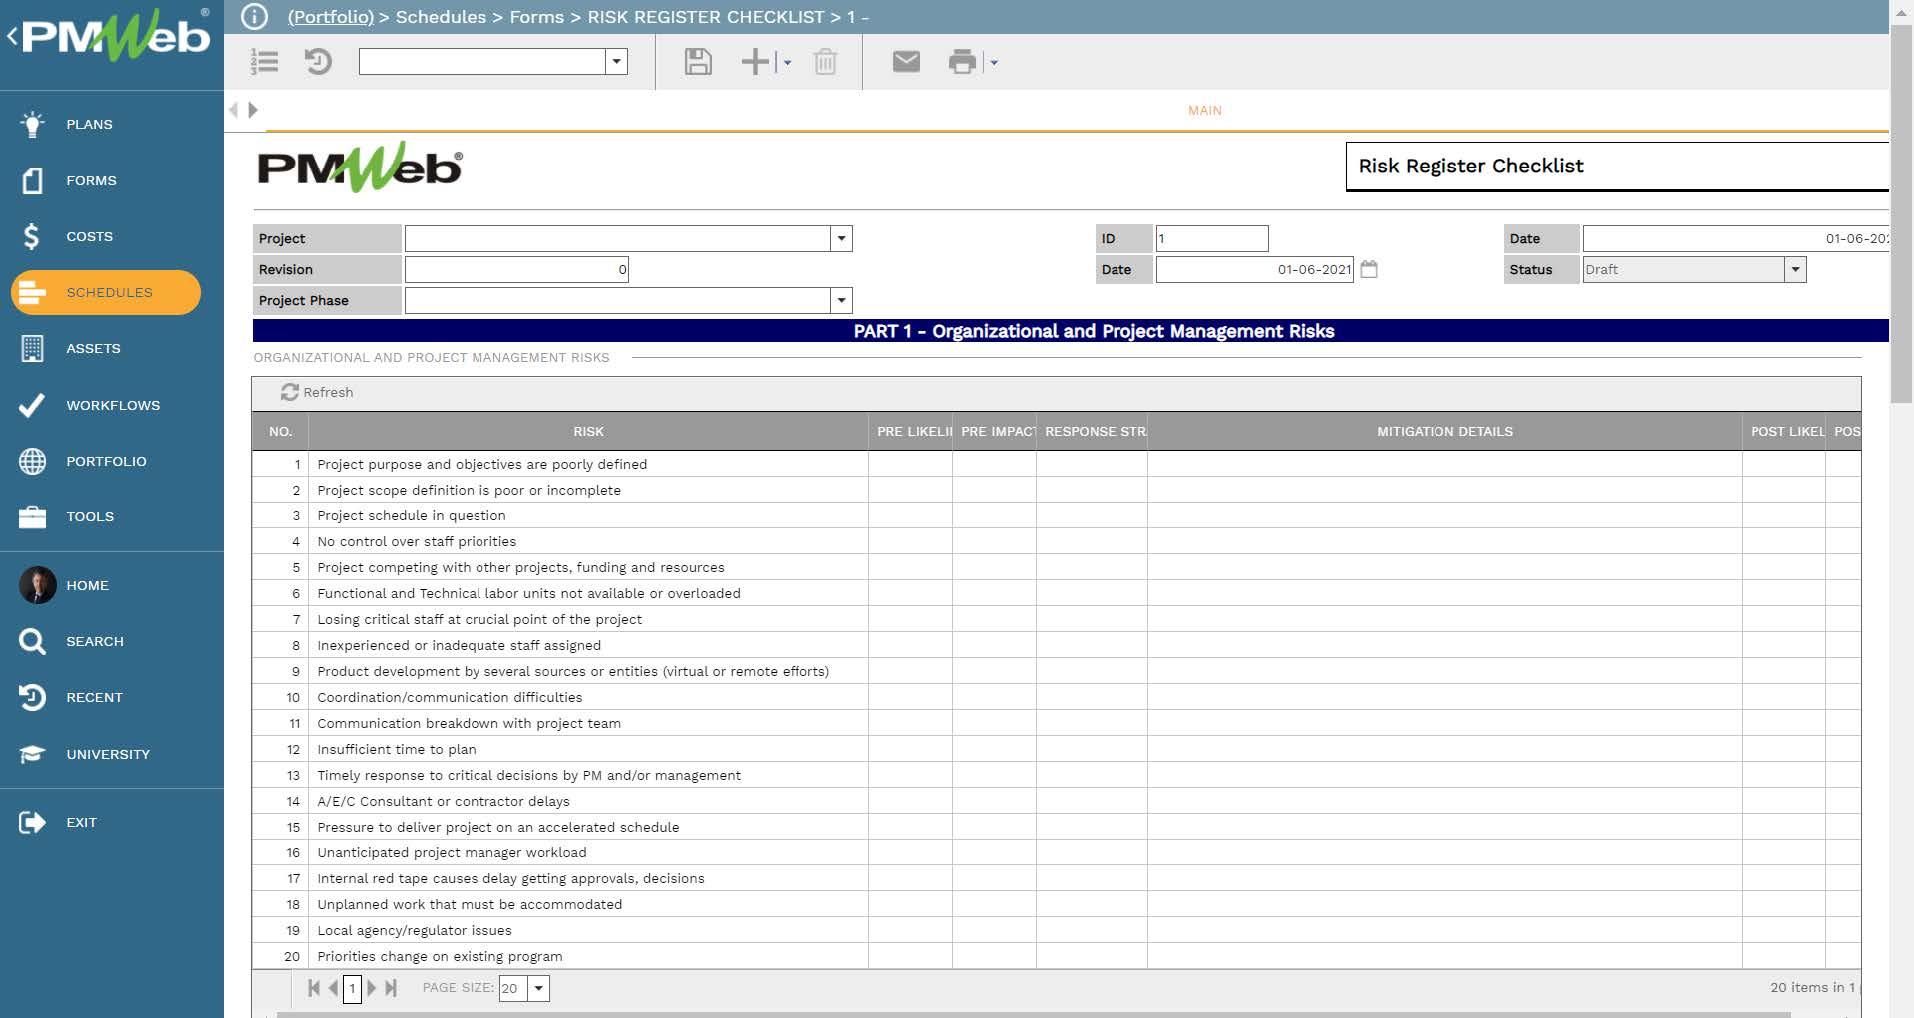 PMWeb 7 Schedules Forms Risk Register Checklist Main